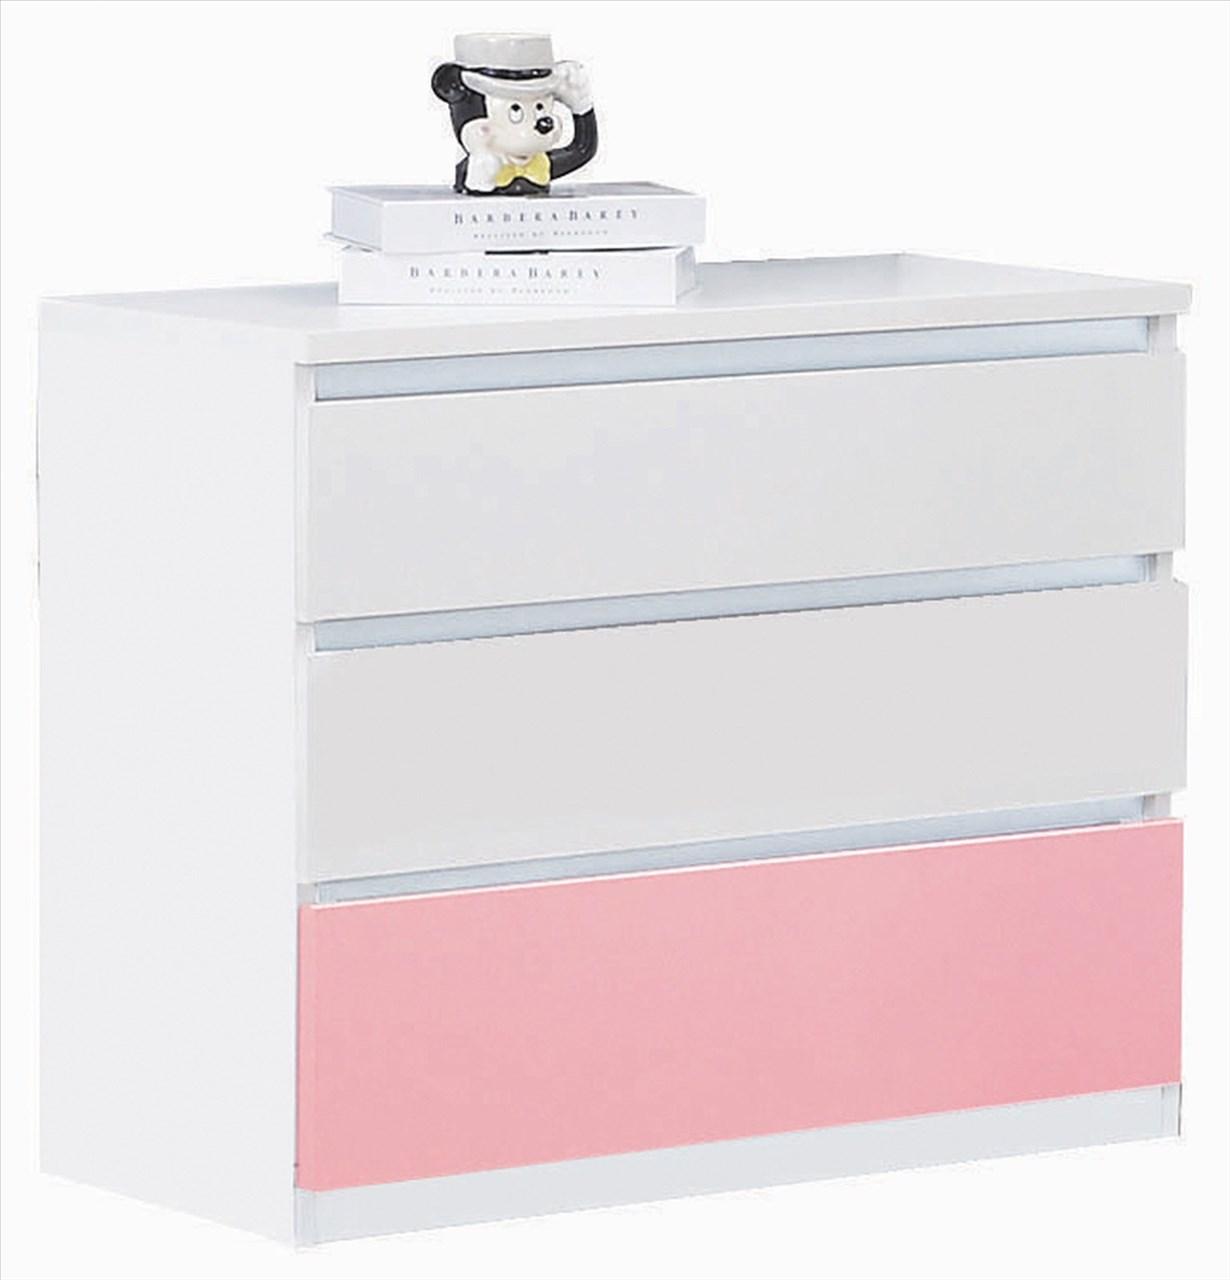 【石川家居】GD-429-4 艾美爾系統 青少年系列 粉色 三斗櫃 (不含其他商品) 台中以北搭配車趟免運